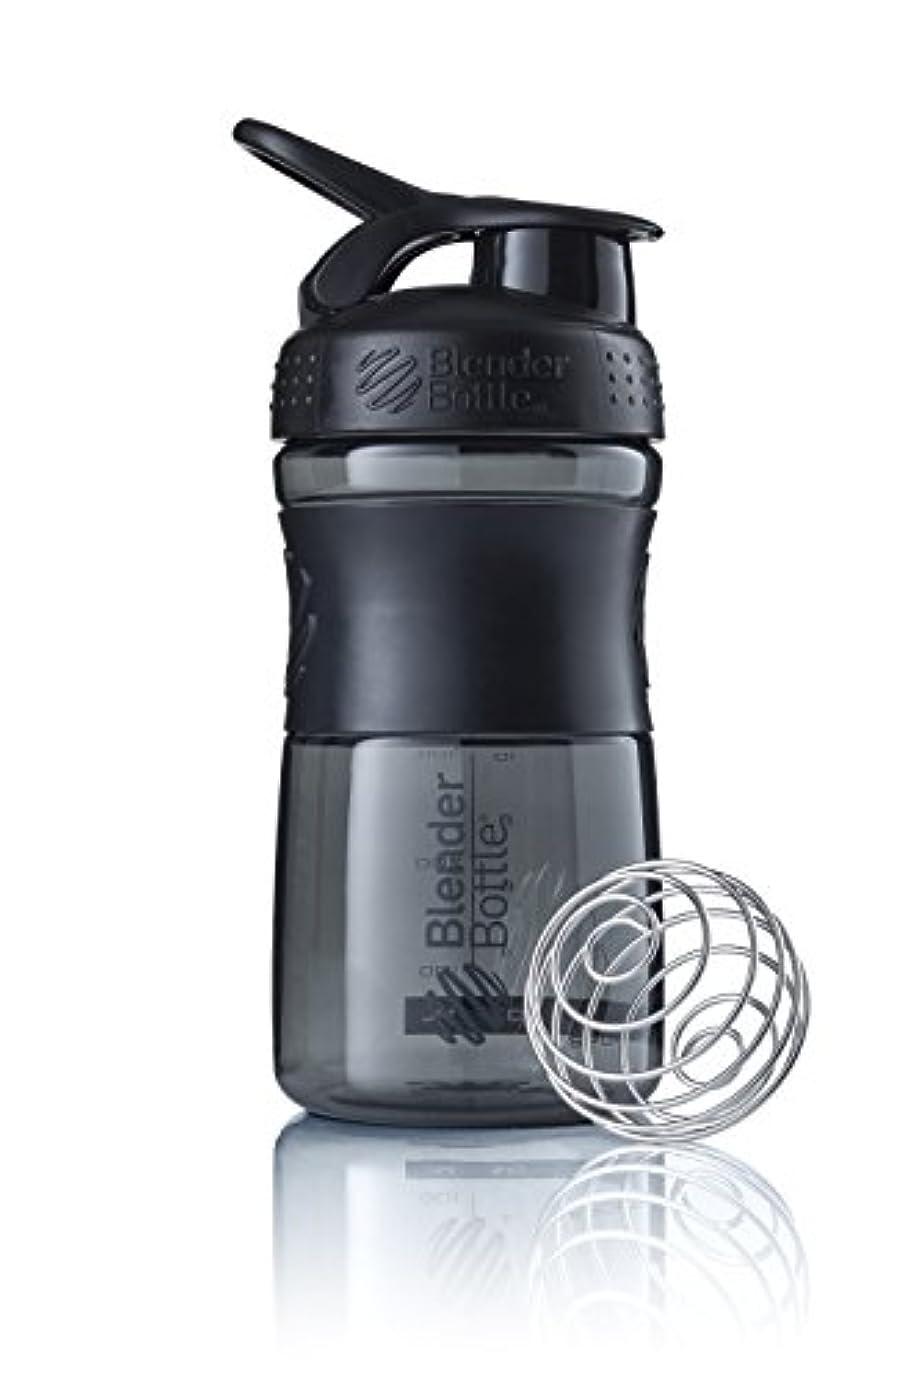 料理をする求める滑るブレンダーボトル 【日本正規品】 ミキサー シェーカー ボトル Sports Mixer 20オンス (600ml) ブラック BBSME20 BKBK